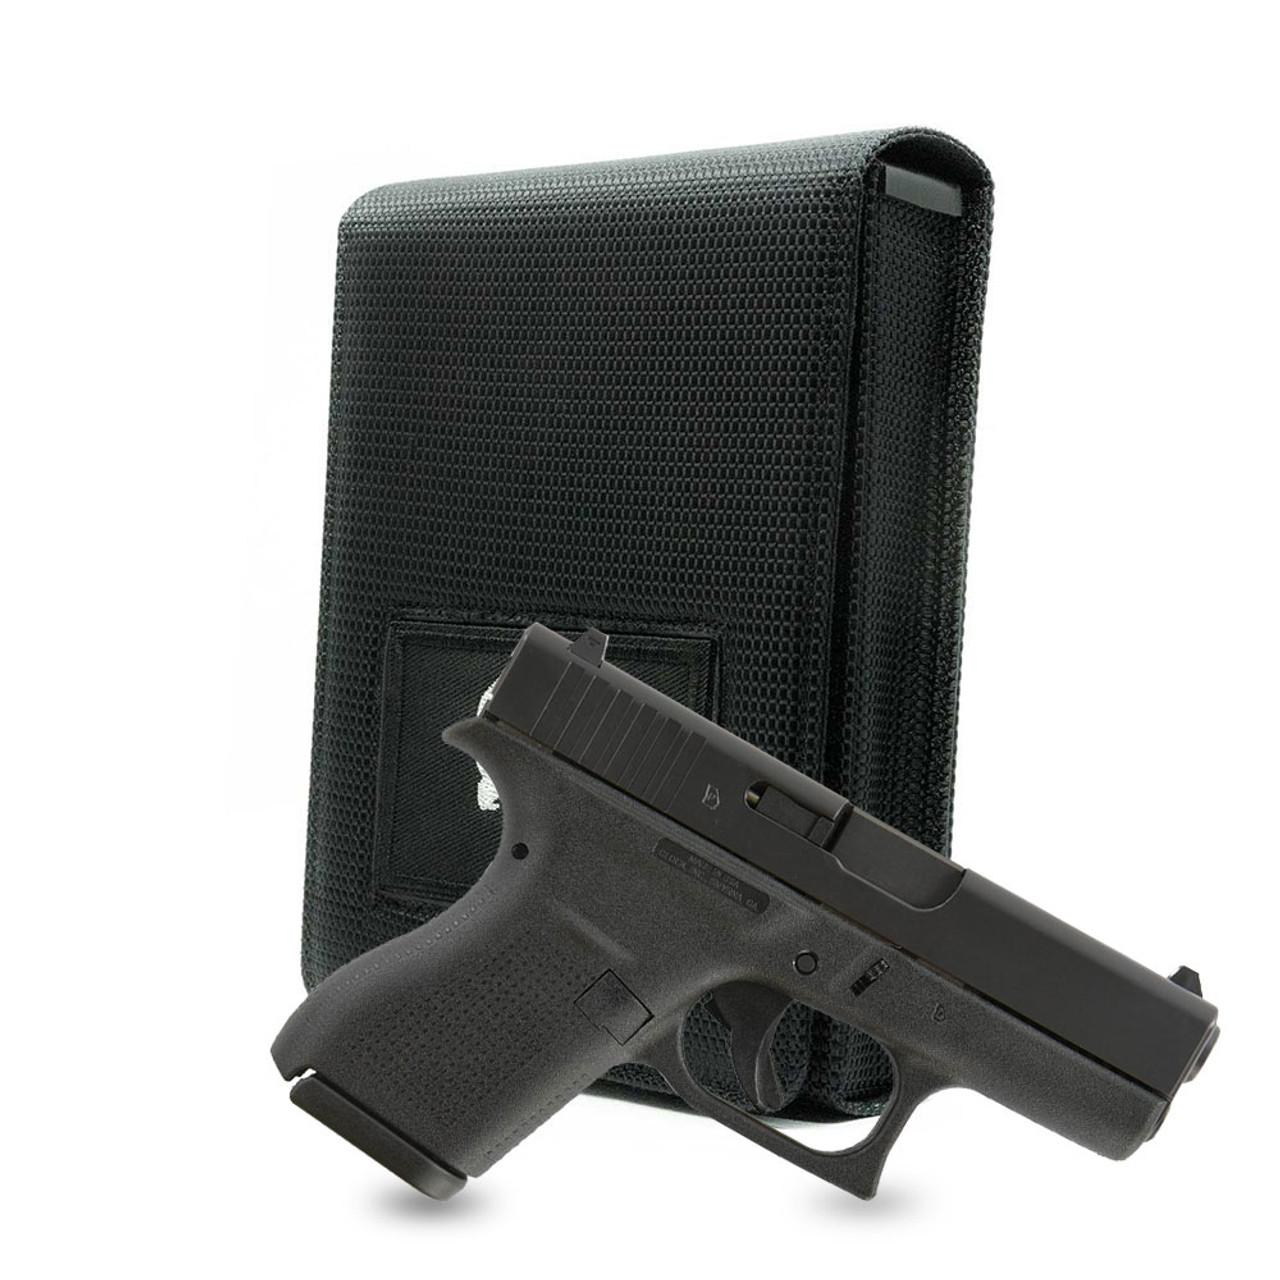 Glock 42 Skull Holster